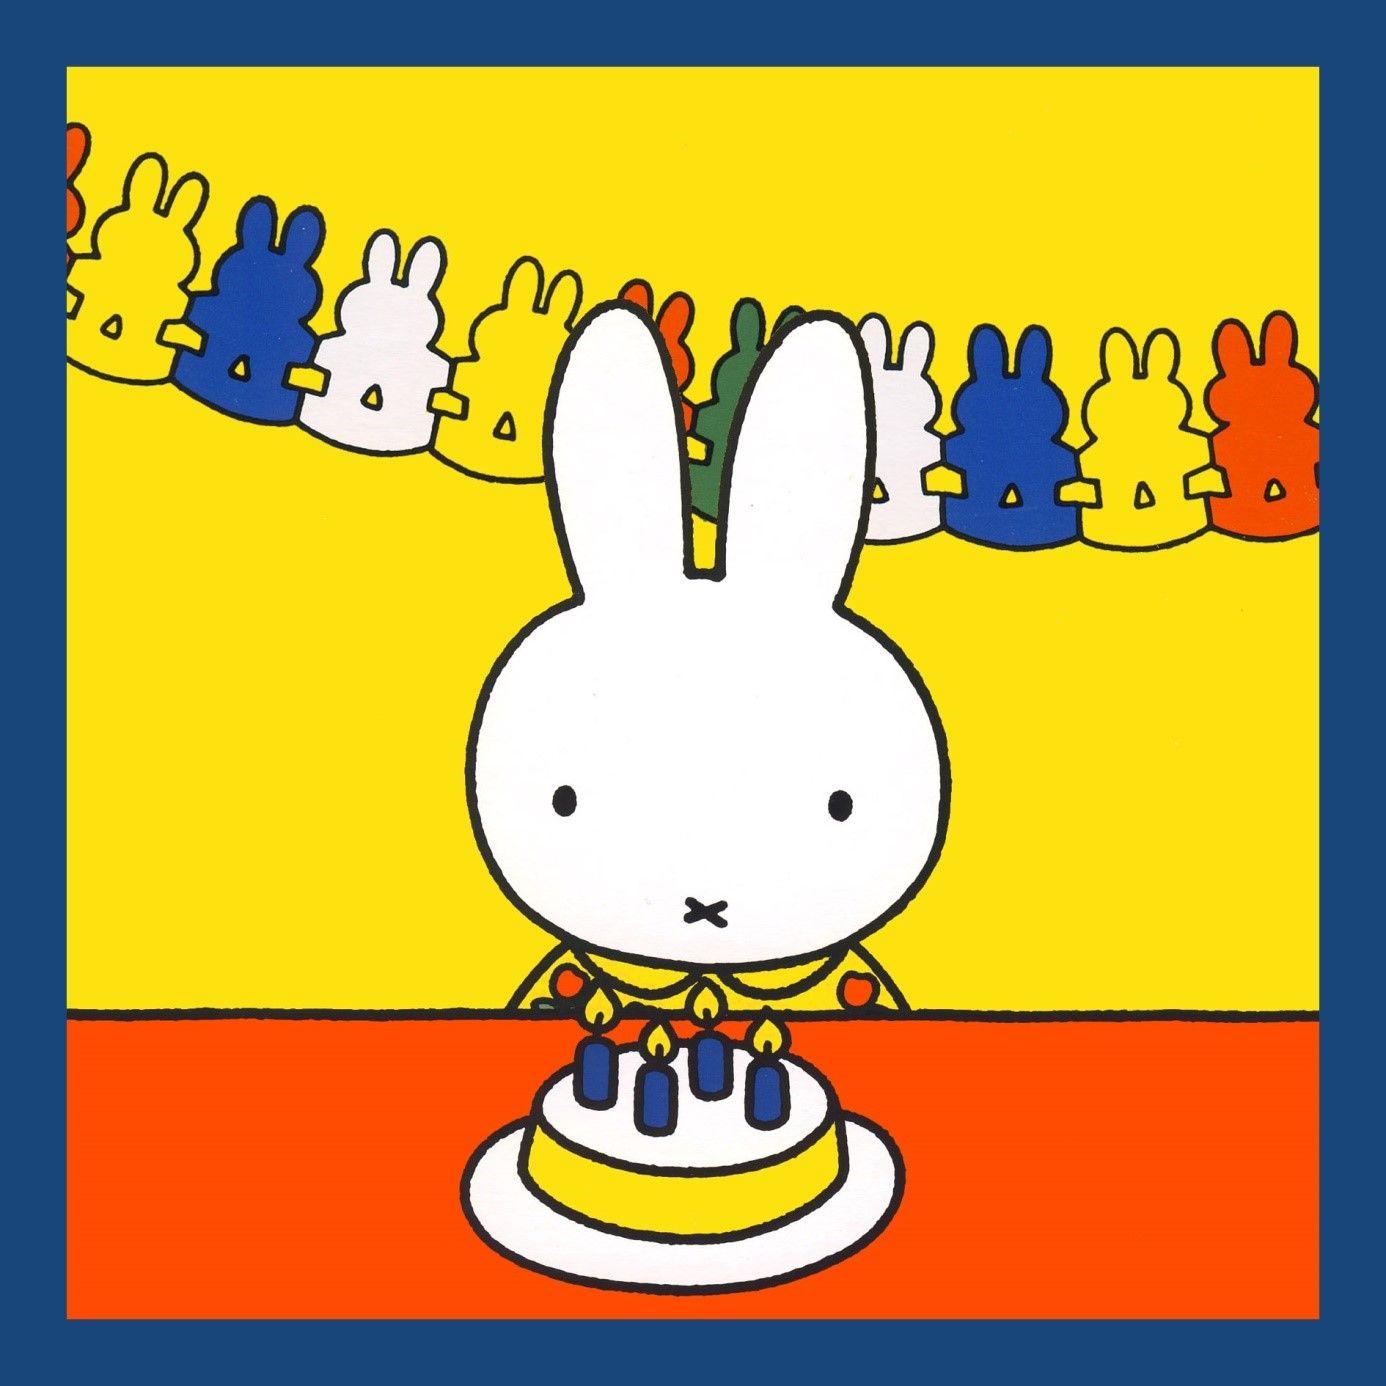 Verjaardag Nijntje.Nijntje Feest In 2019 Verjaardag Knutselen Met Peuters En